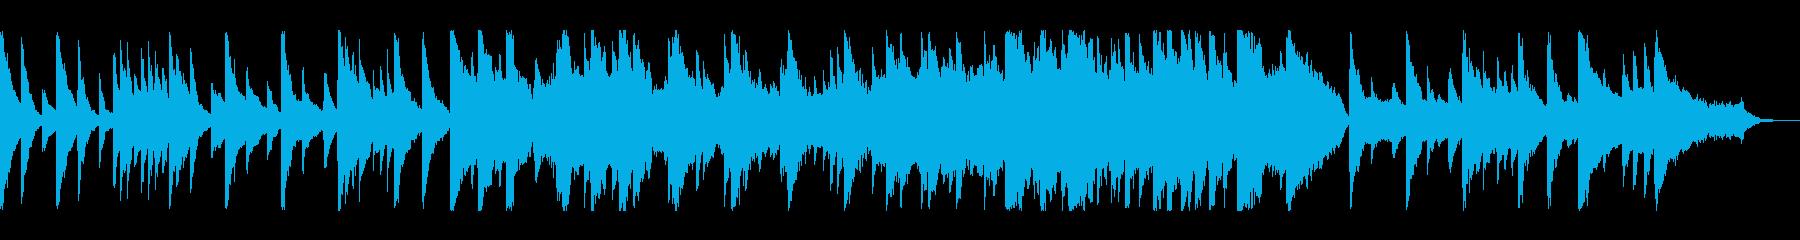 シンプルな構成で心に響くバラードの再生済みの波形